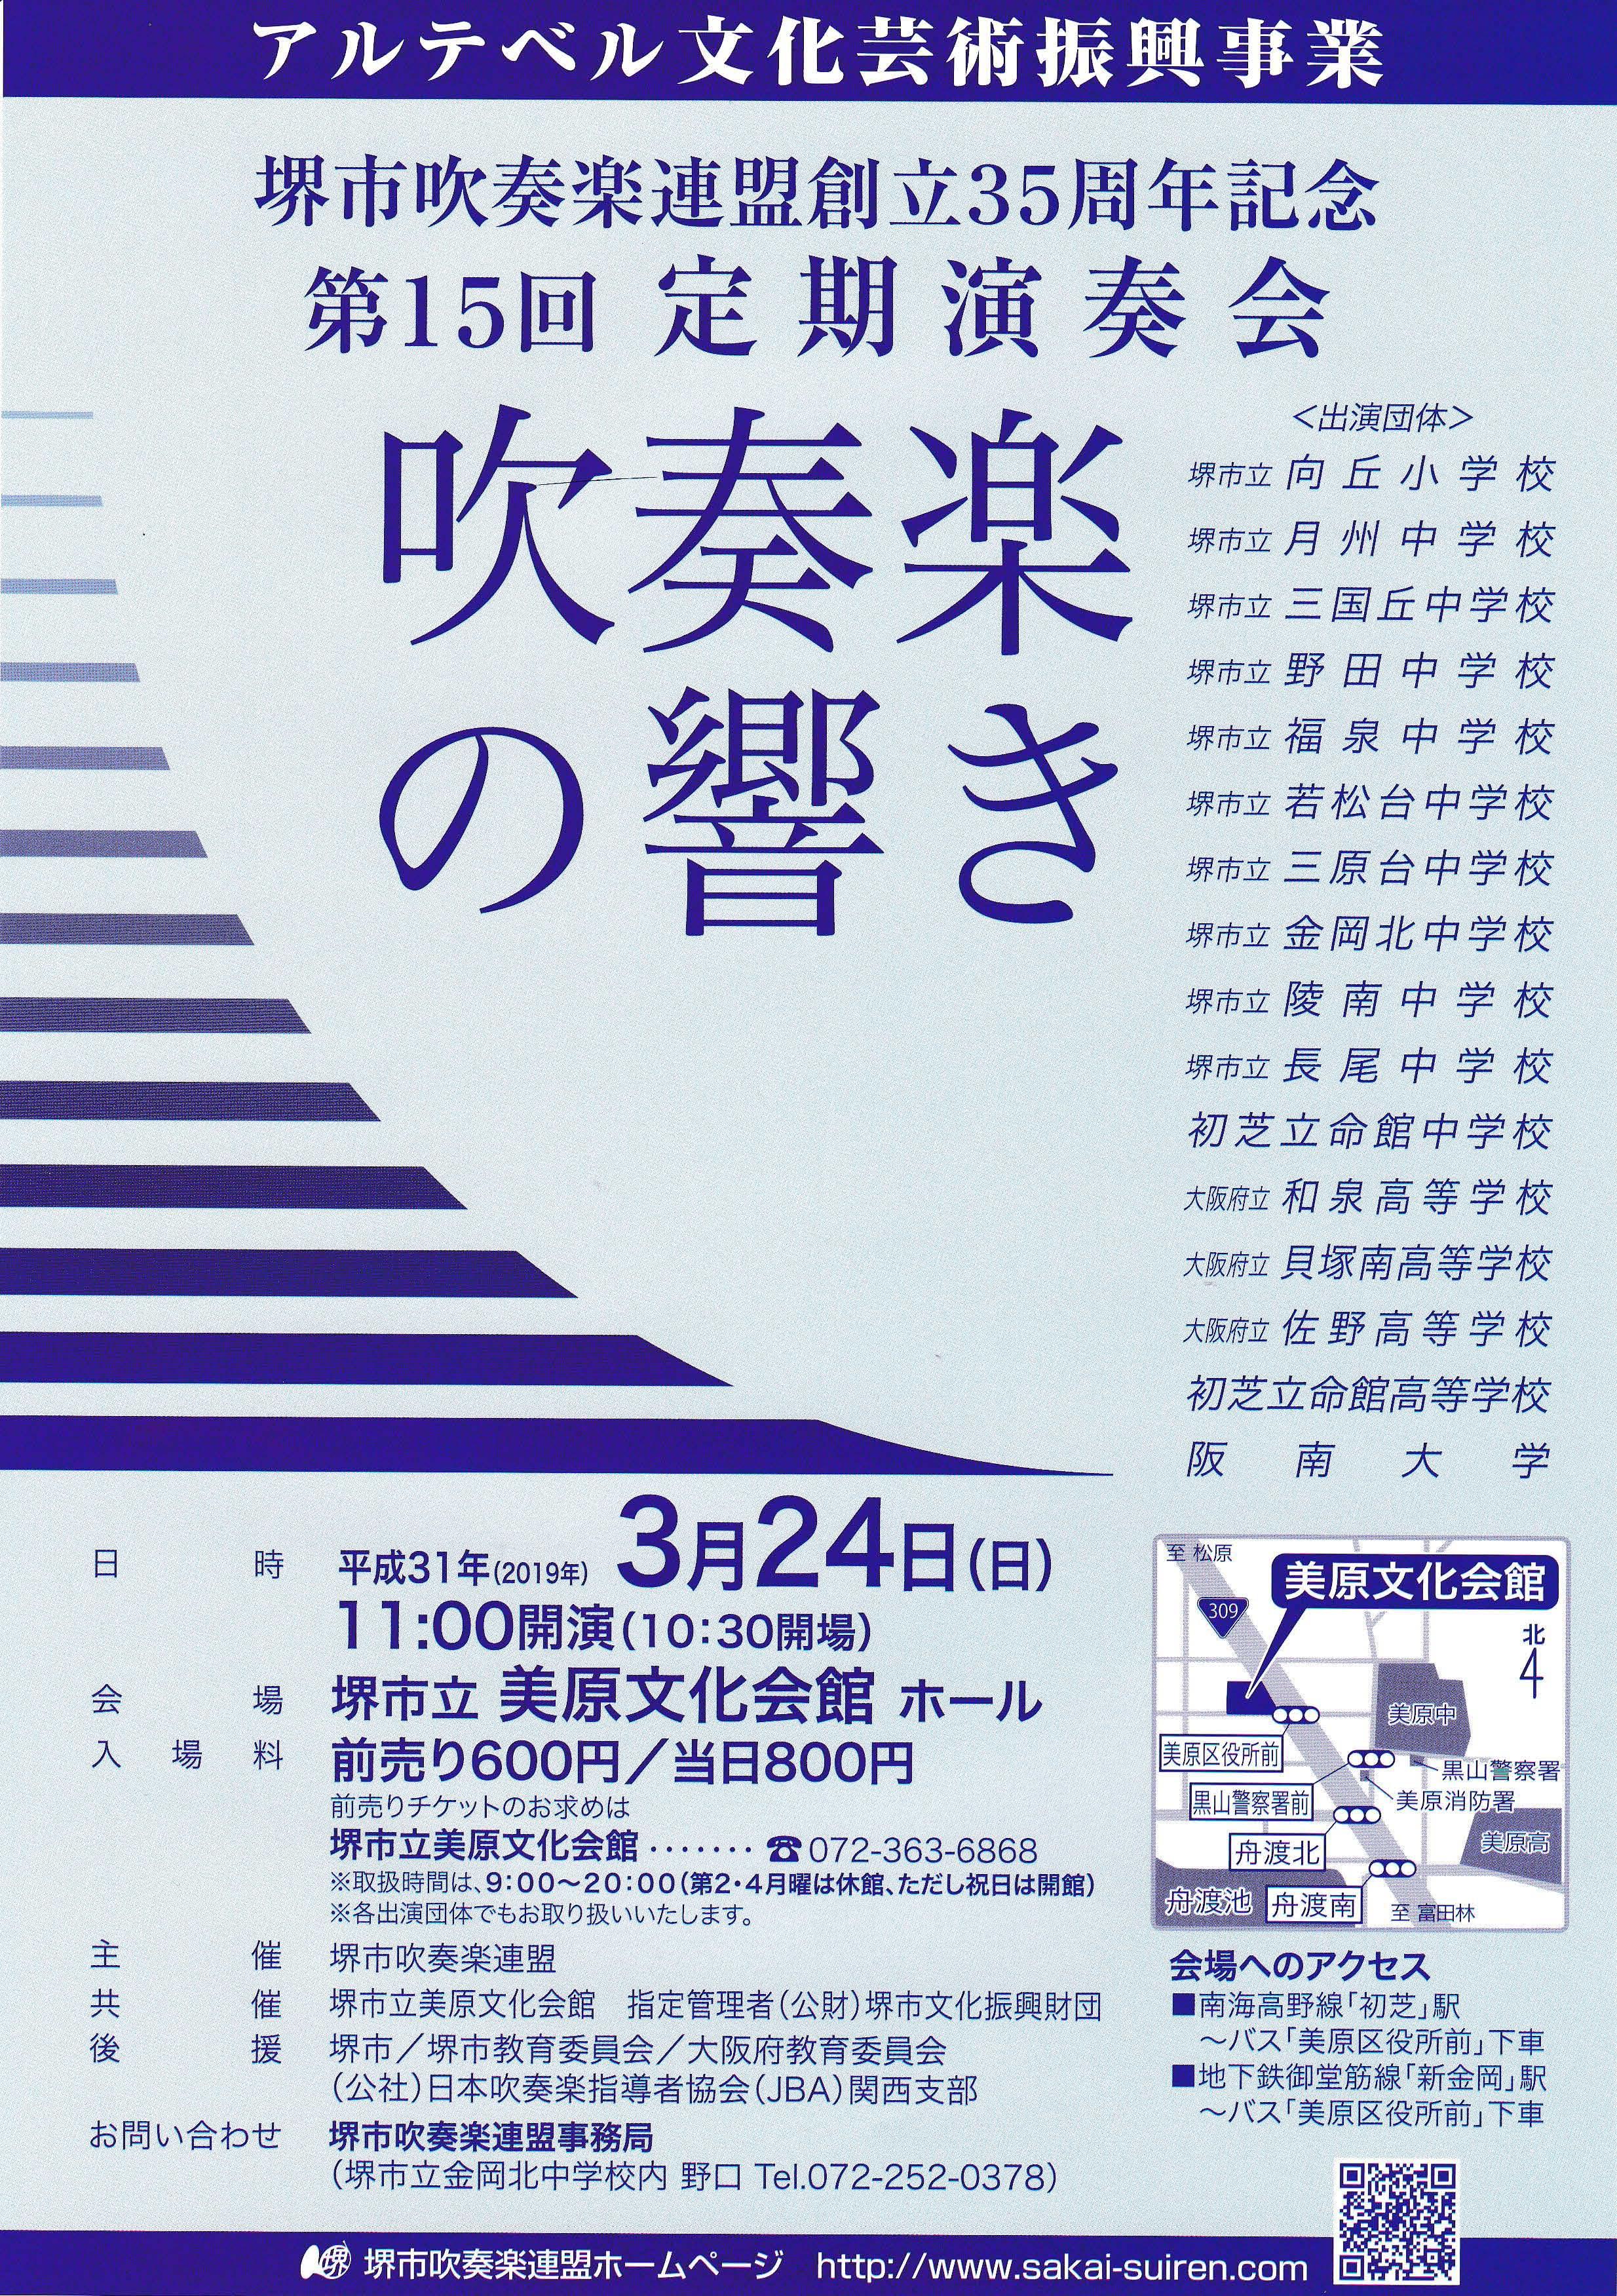 堺市吹奏楽連盟創立35周年記念 第15回 定期演奏会 吹奏楽の響き